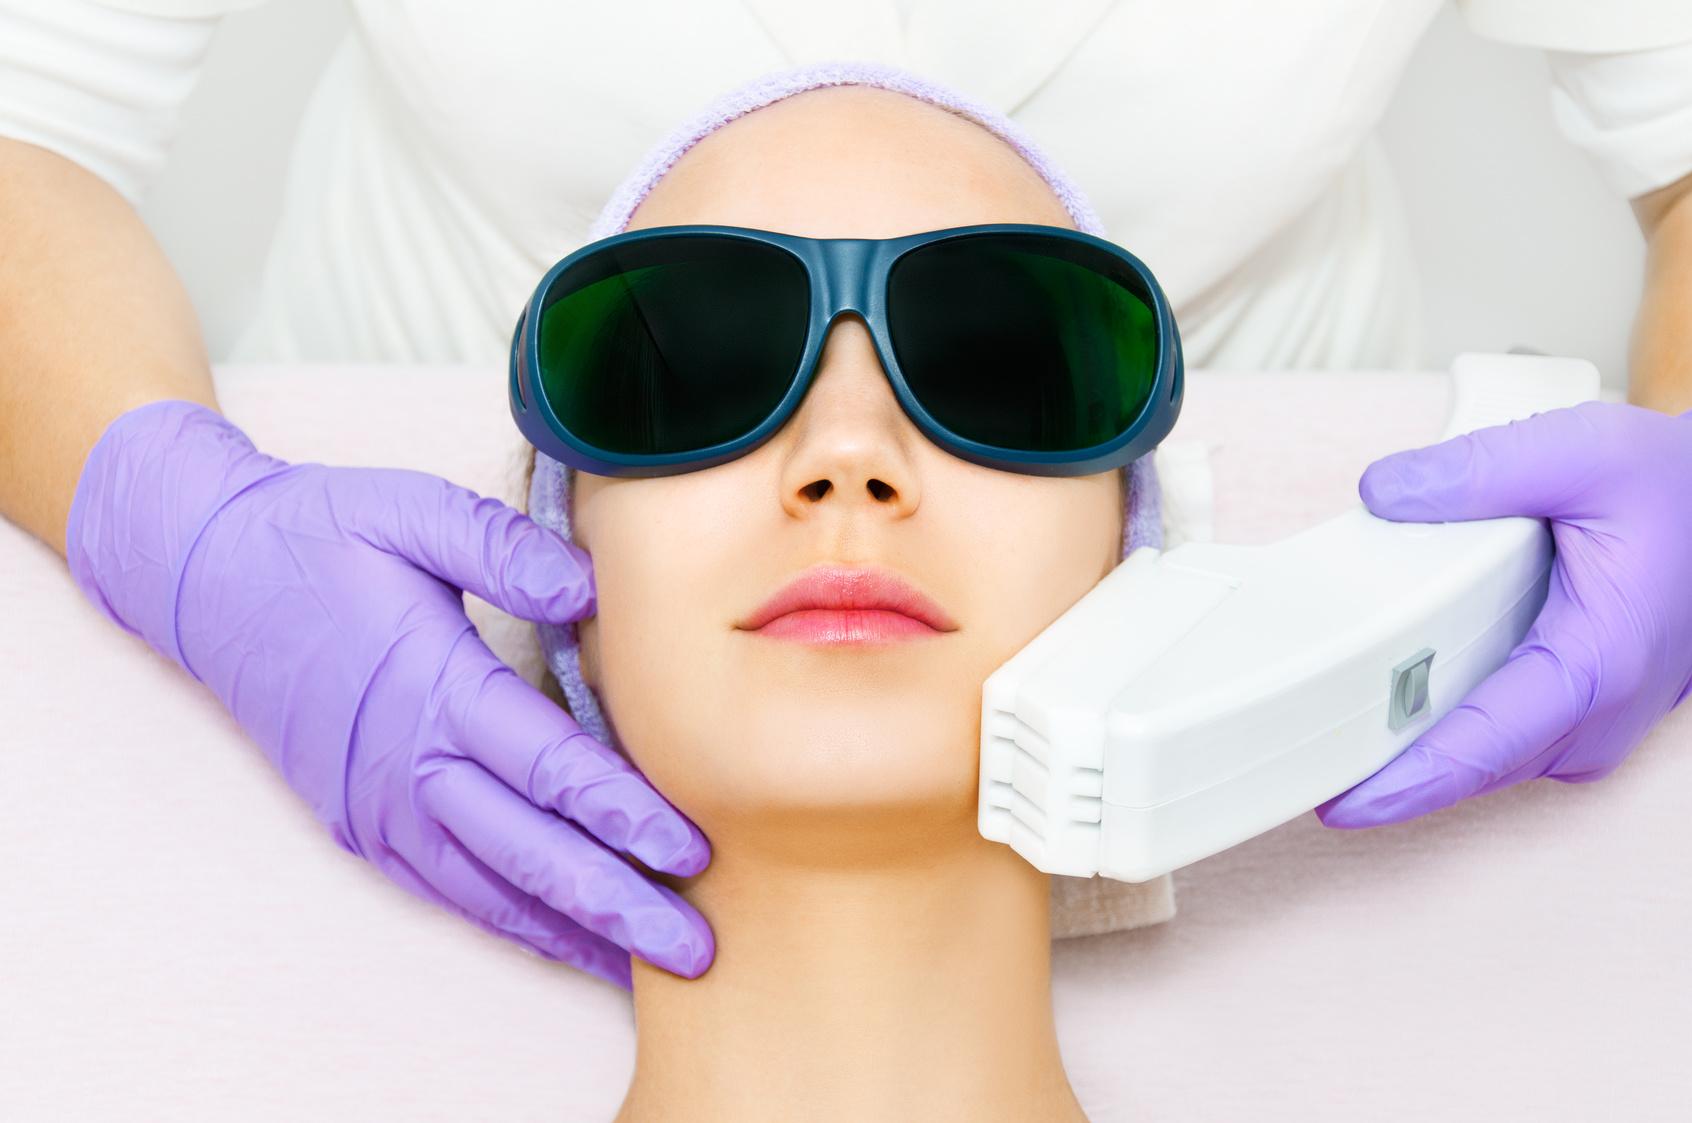 症状・疾患別受診すべき医療機関-⑰形成外科・美容外科